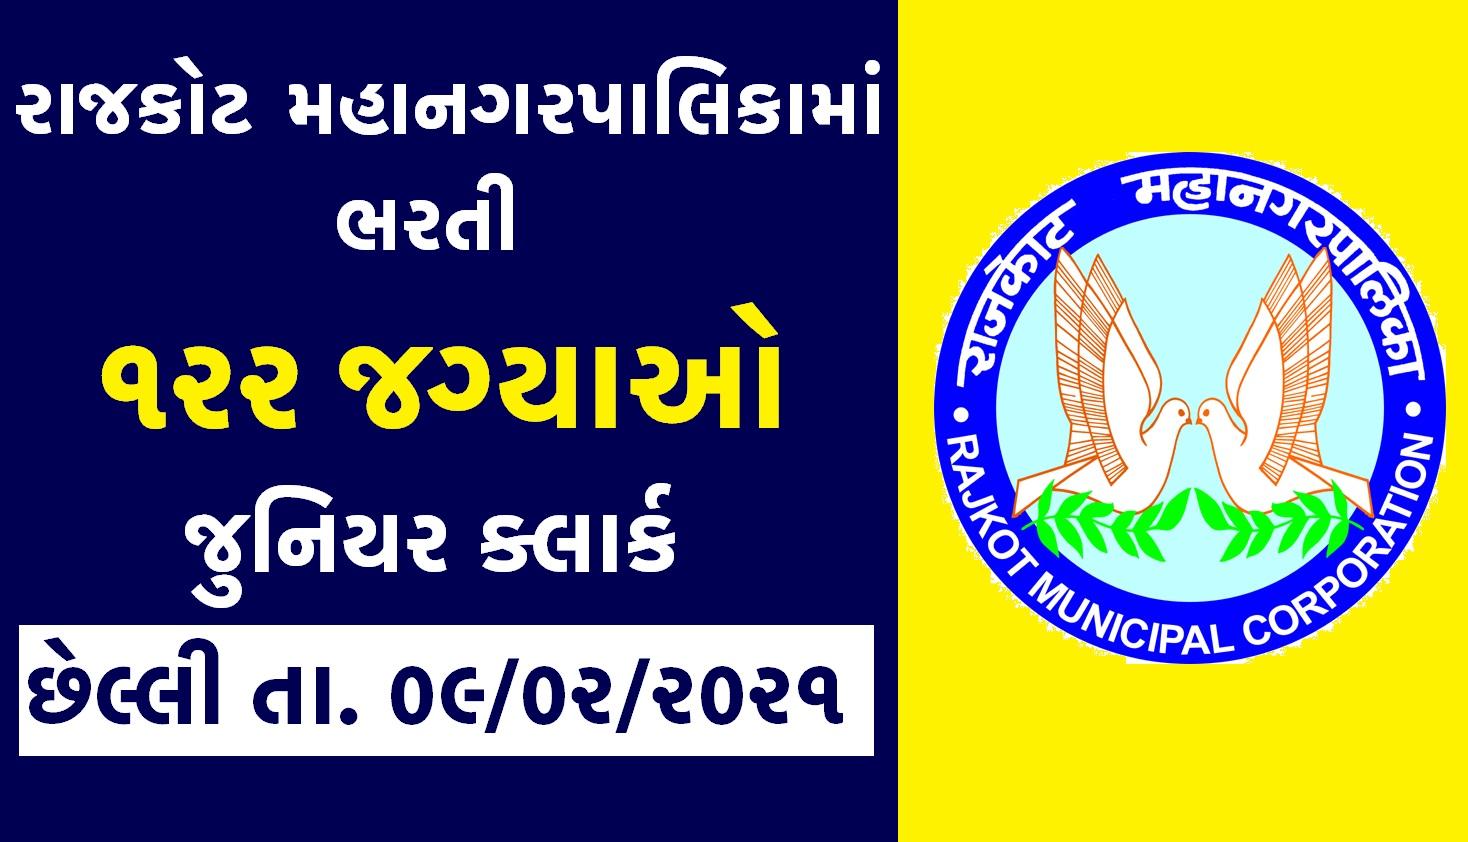 RMC 122 Junior Clerk Recruitment 2021